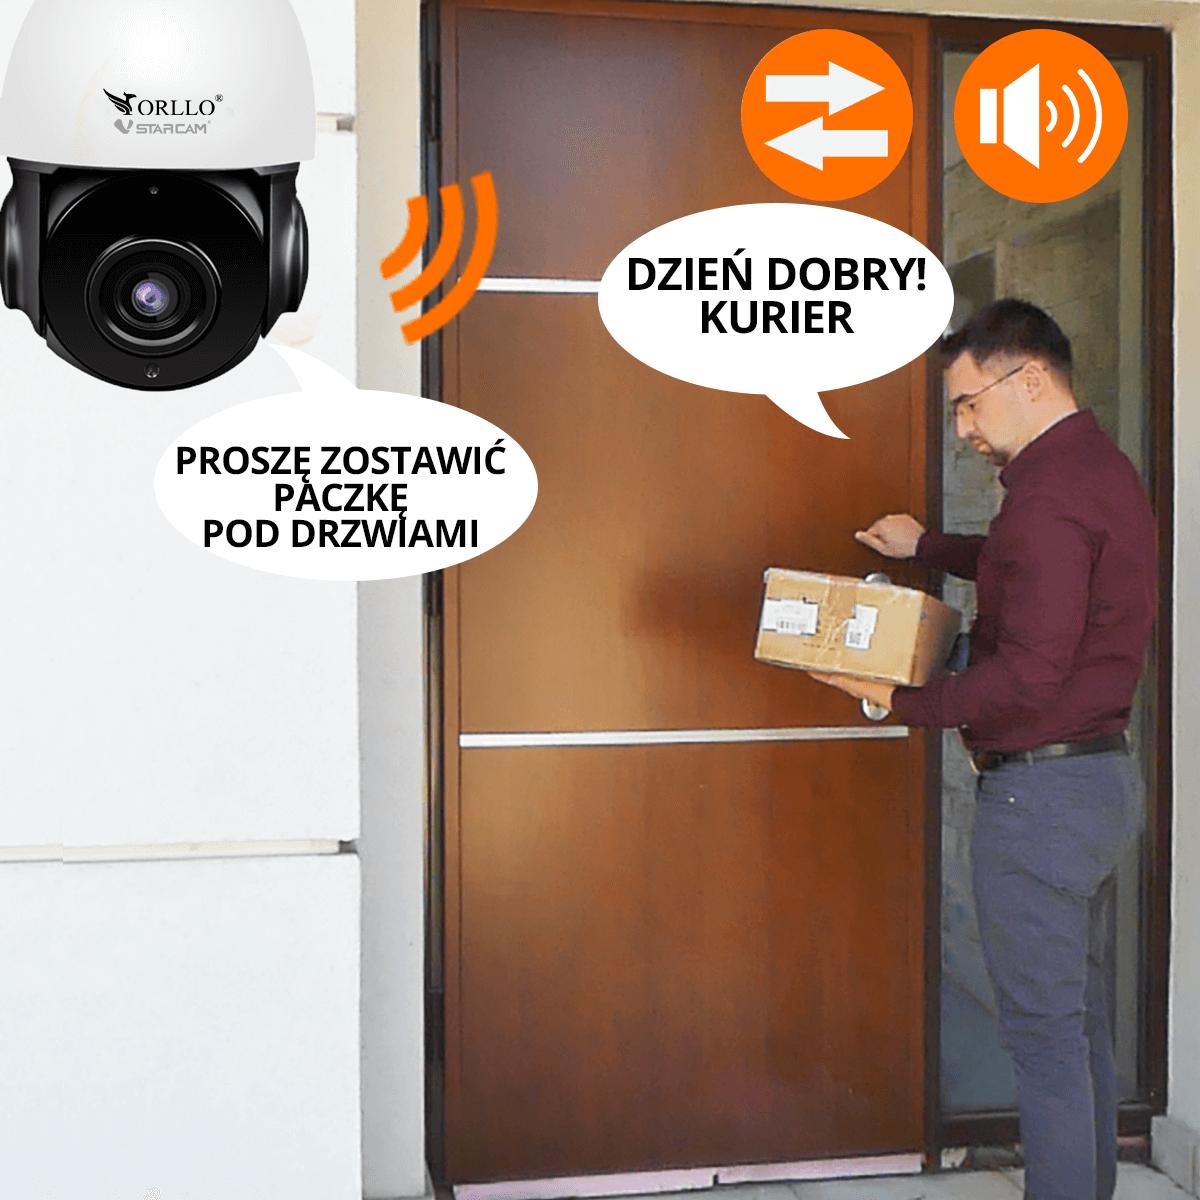 nowoczesny pretwornik hisilicon huawei orllo.pl